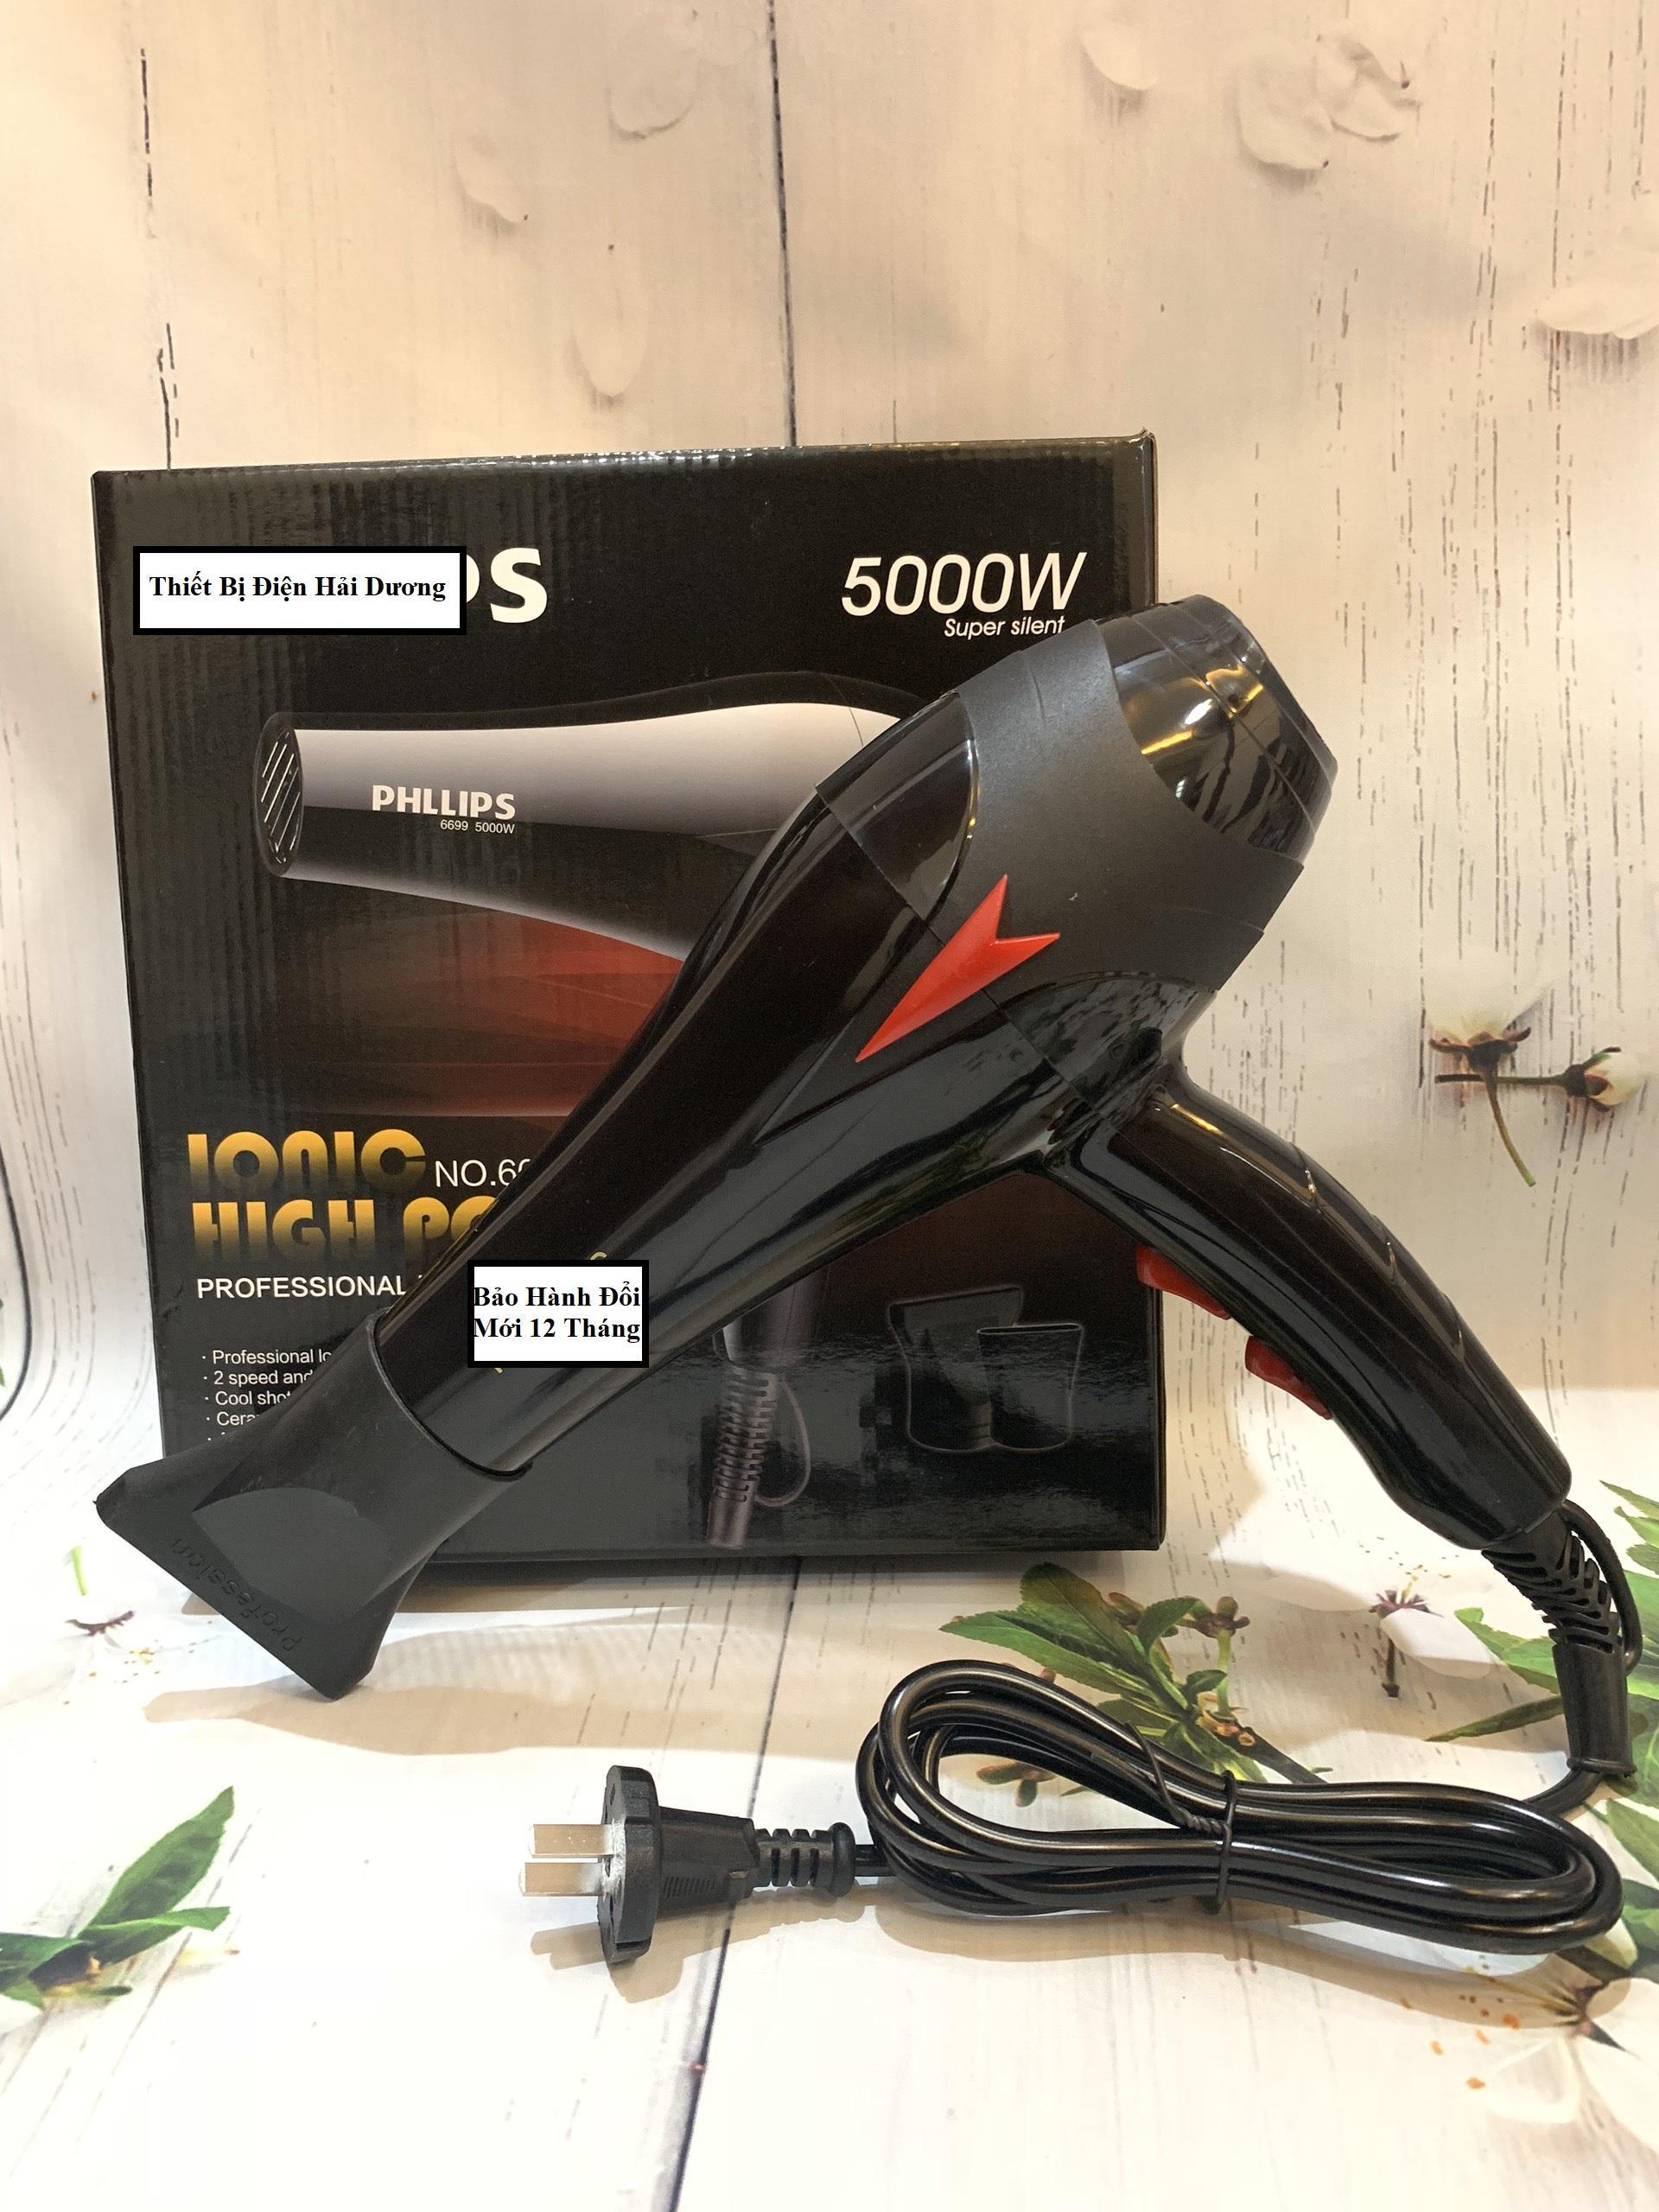 Máy sấy tóc cao cấp PL PH -6699 2 chiều 5000w (Bảo hành đổi mới 1 năm) cao cấp